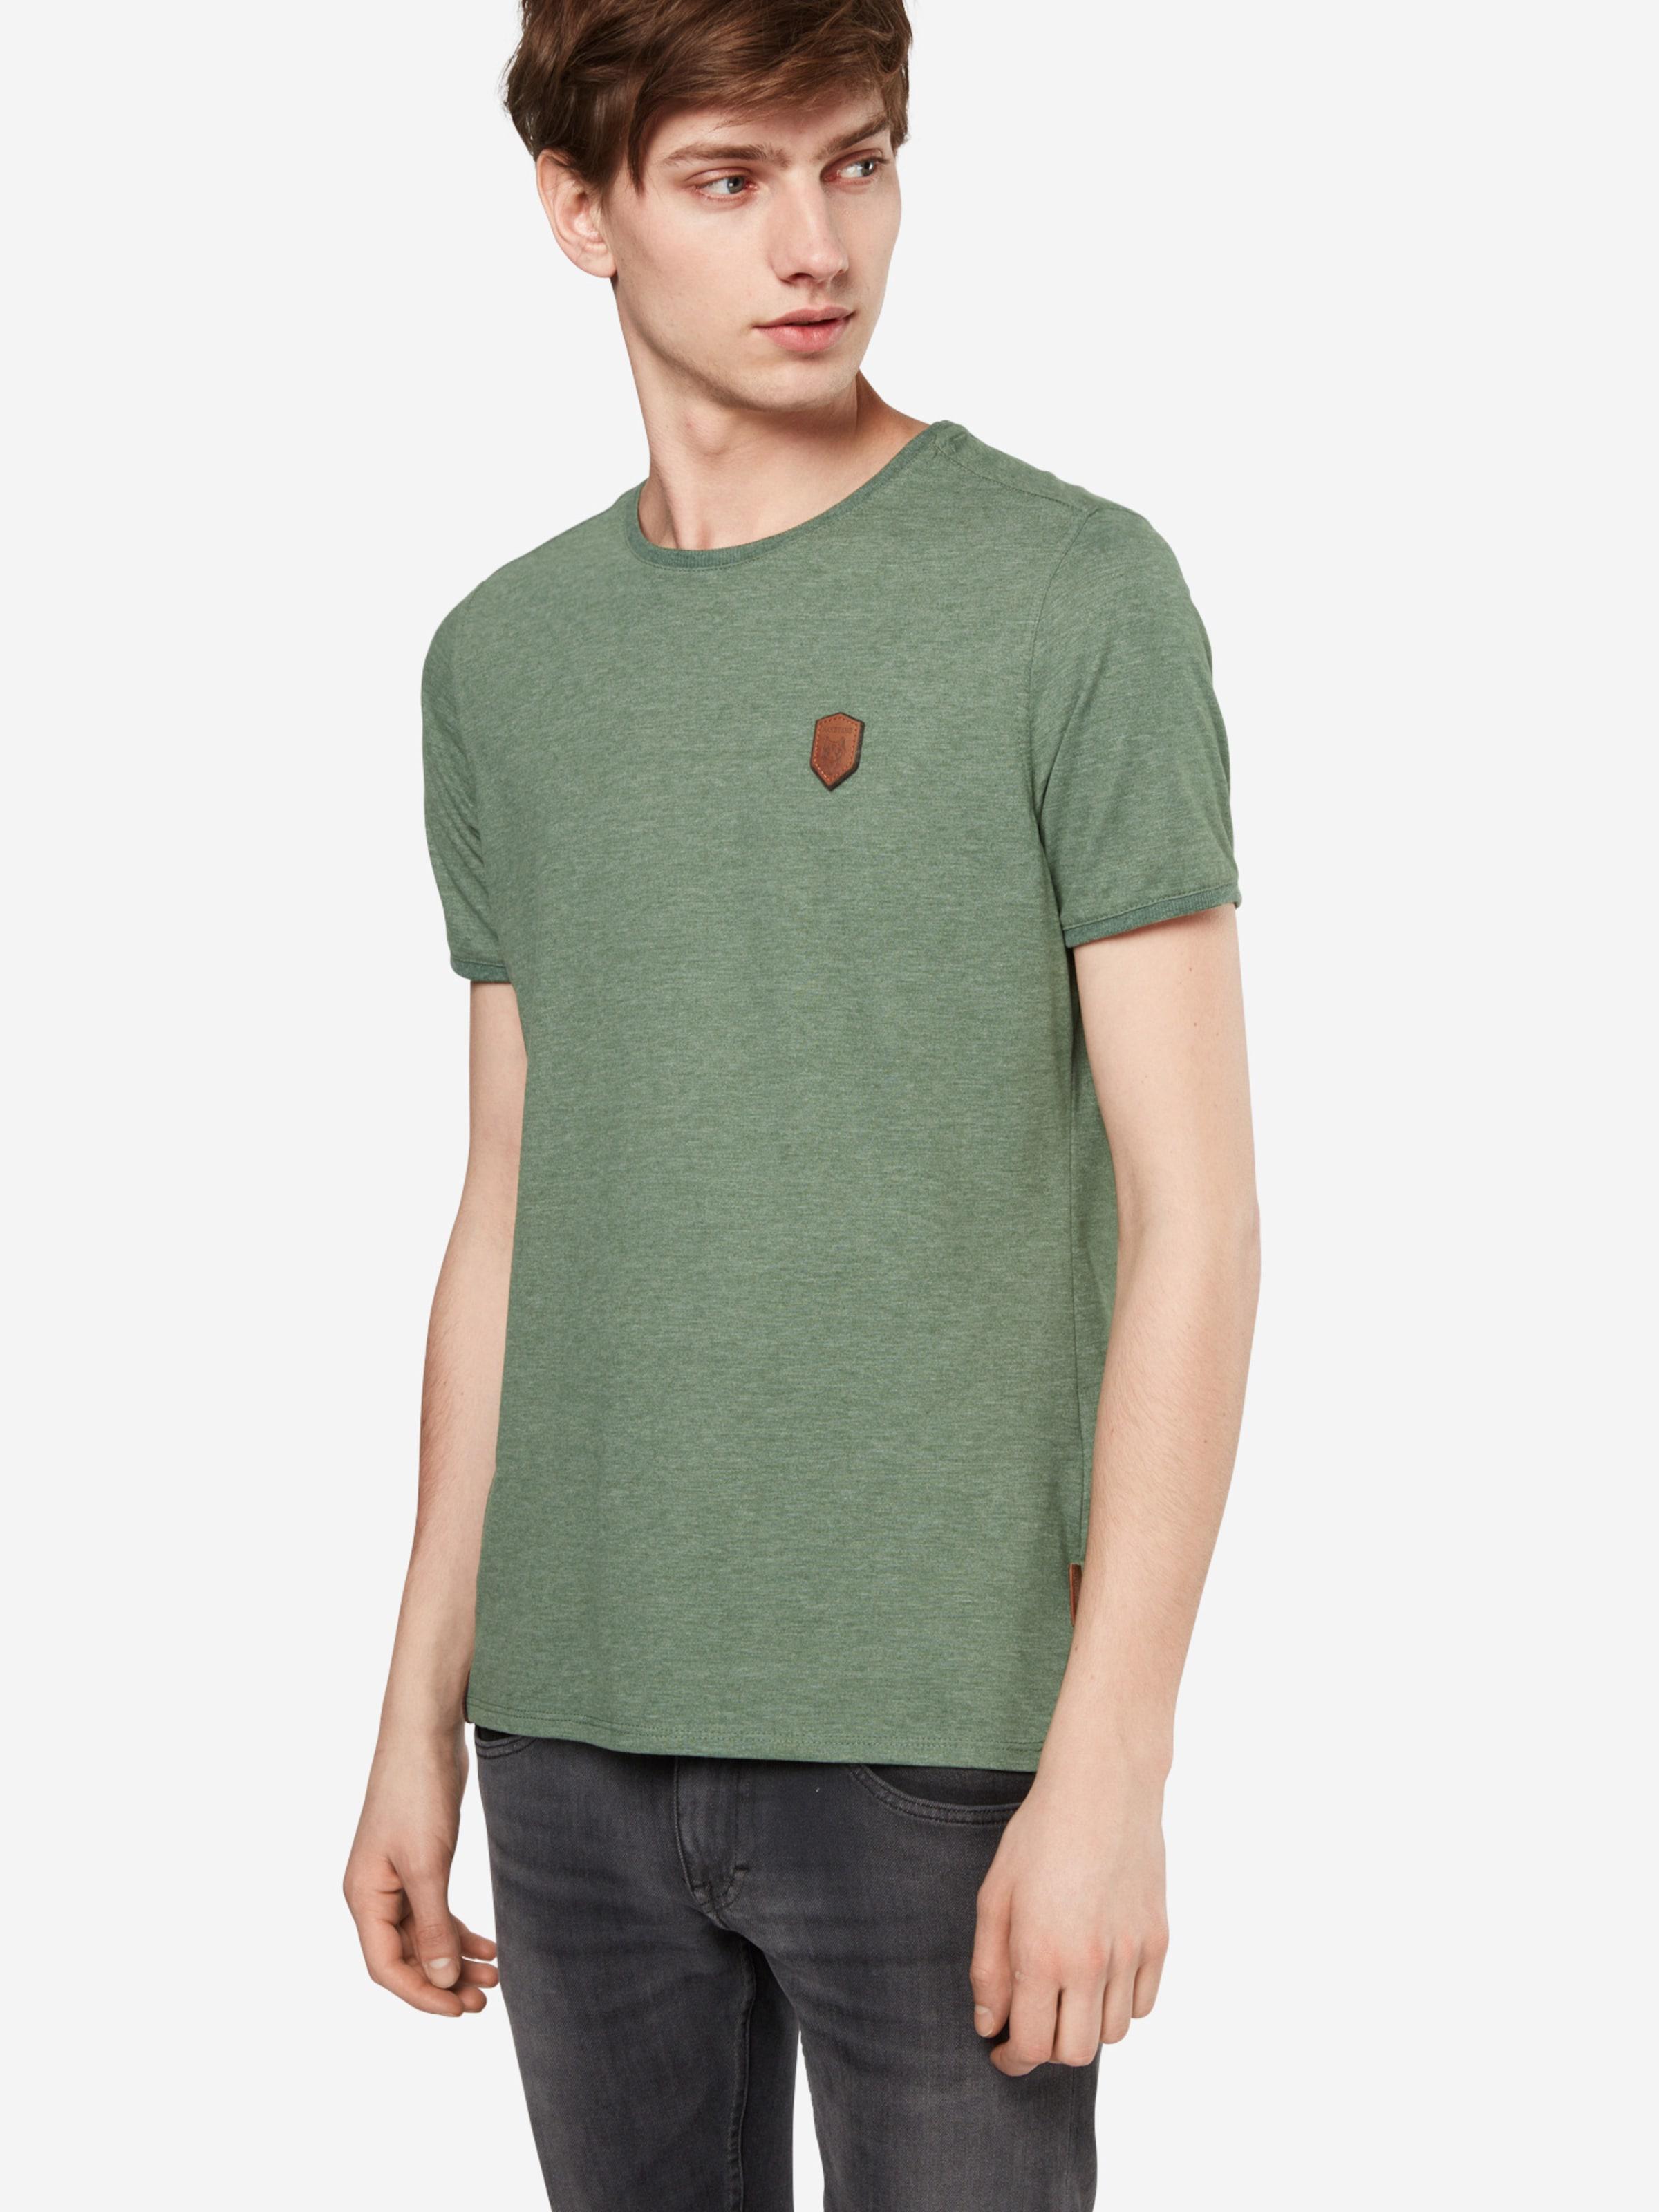 Billig Verkauf 2018 naketano T-Shirt 'Italienischer Hengst' Shop Für Online Fabrikpreis Steckdose Vorbestellung ALJi3j3uv